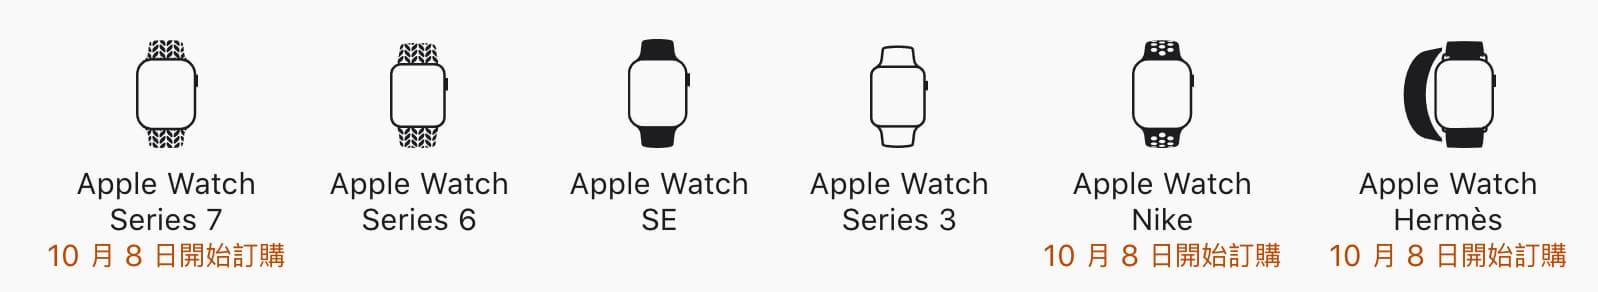 Apple Watch S7 與 Apple Wathc S6 差異規格比較